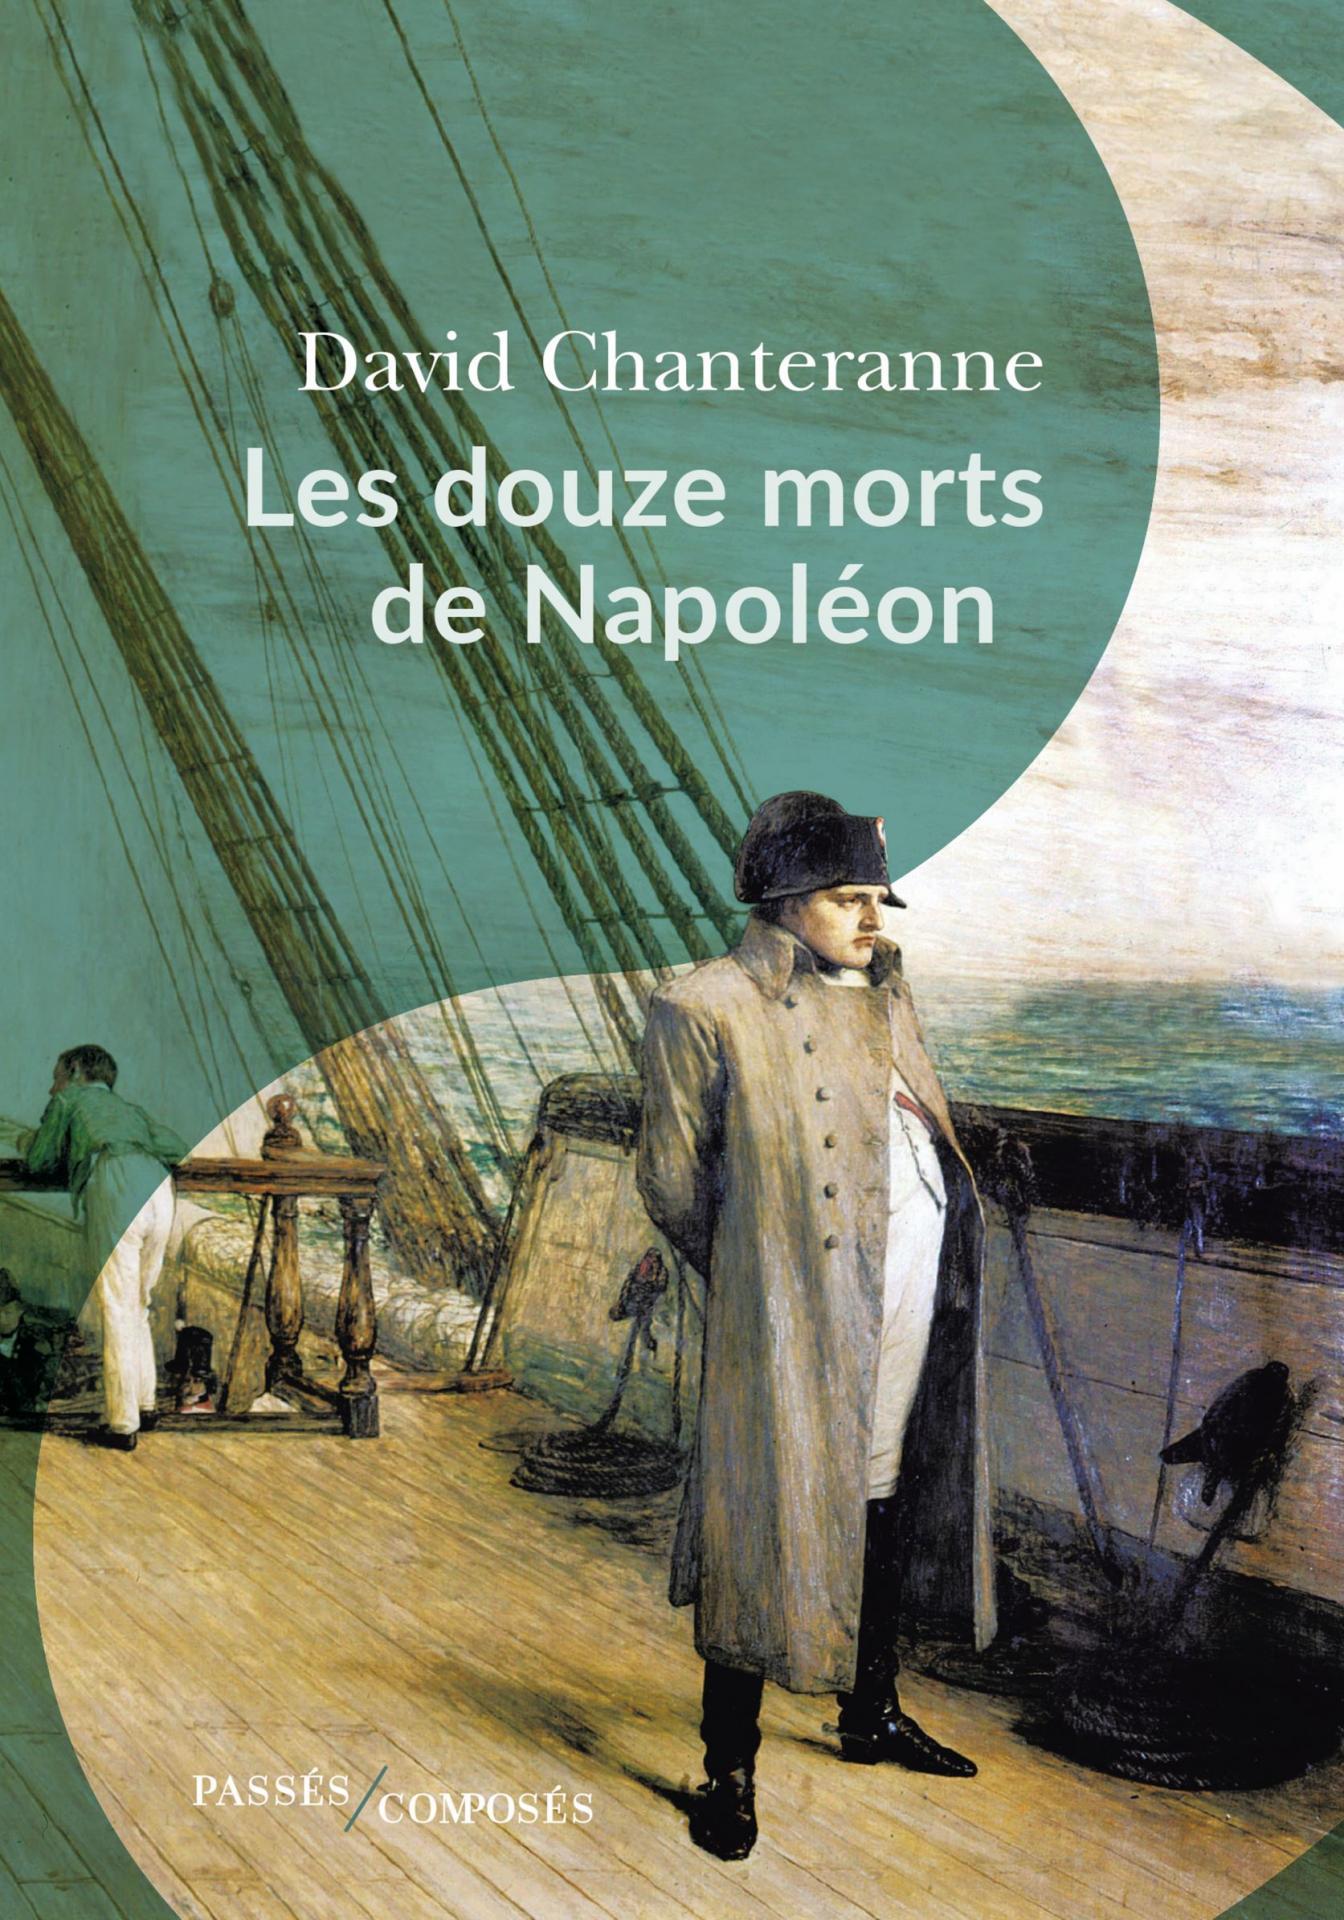 Rendez-vous avec Napoléon